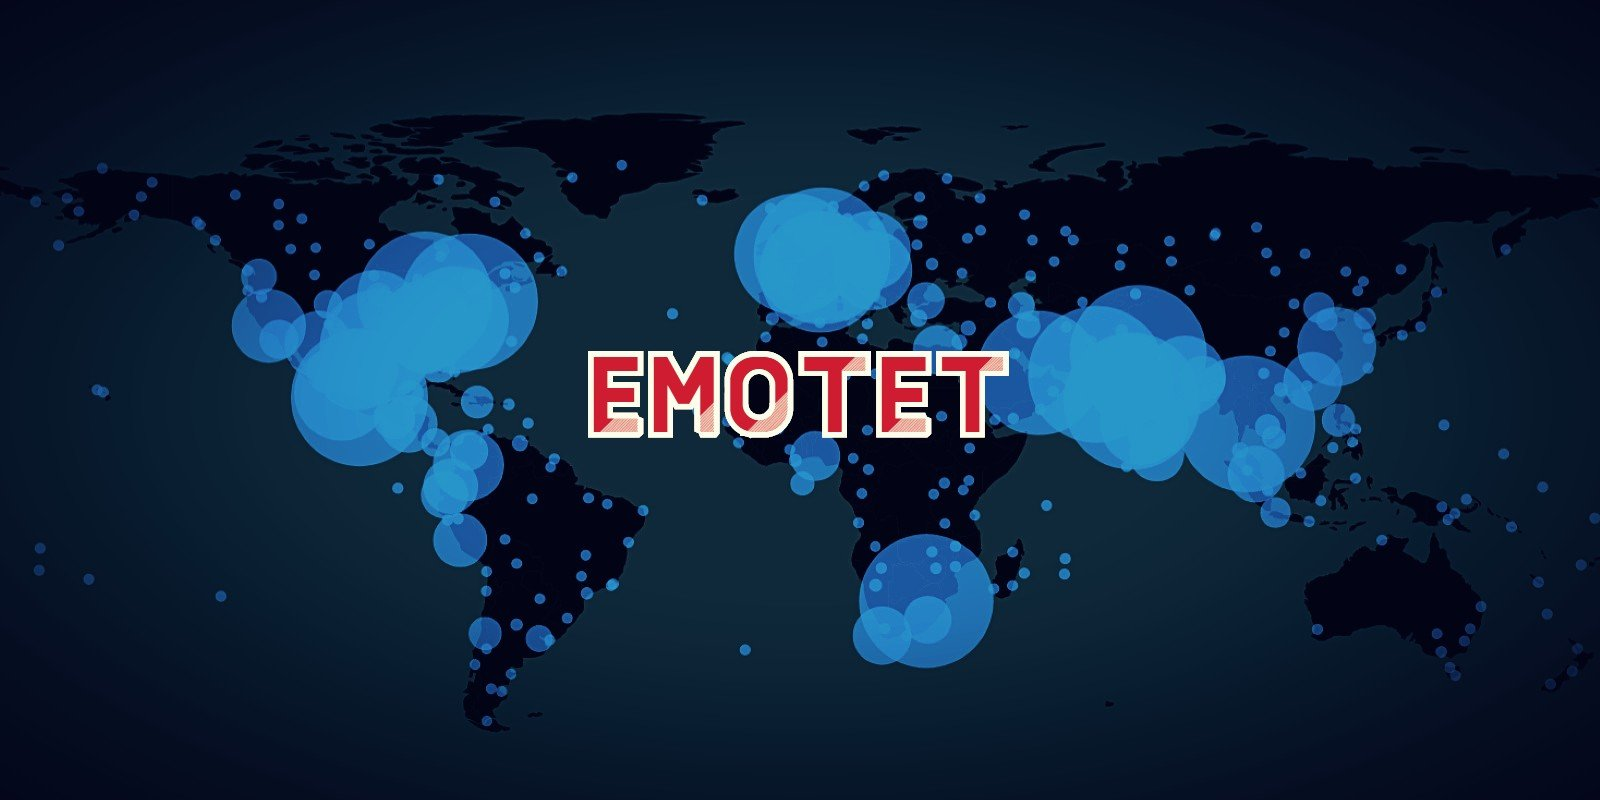 Emotet botnet disrupted after global takedown operation